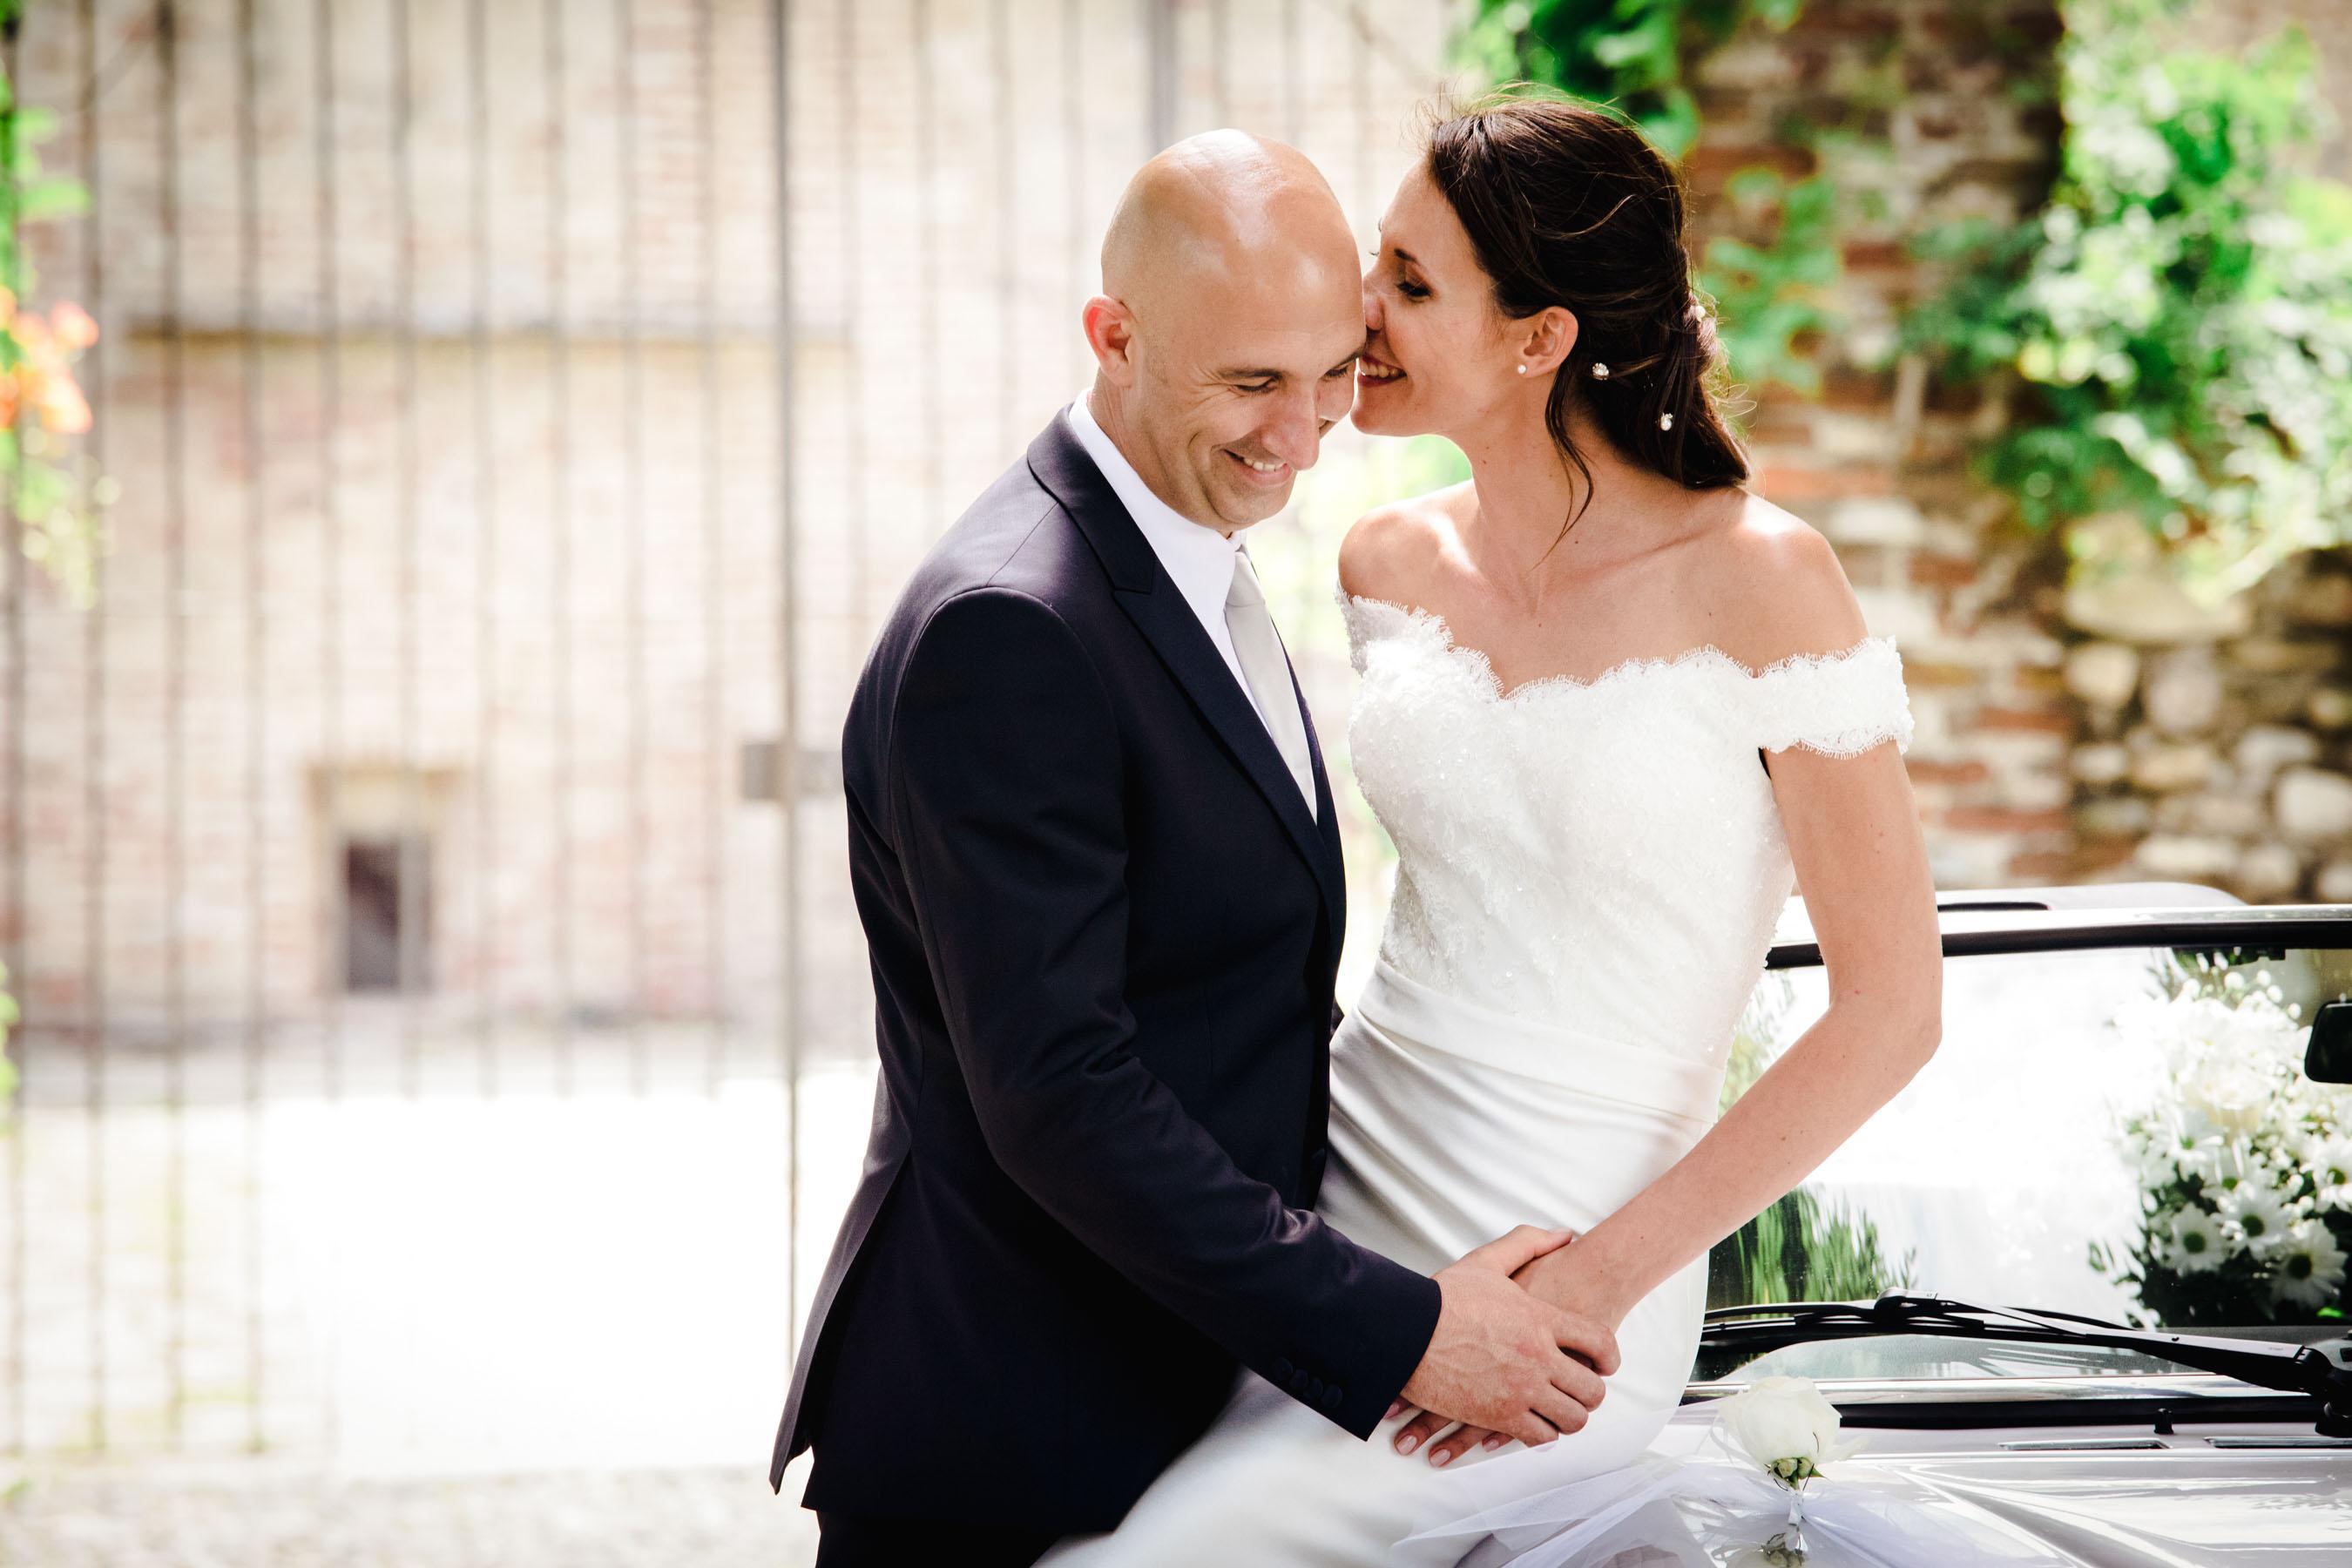 art foto_torino_monica sica photography_la vià _cavour_ fotografo matrimonio_torino-53